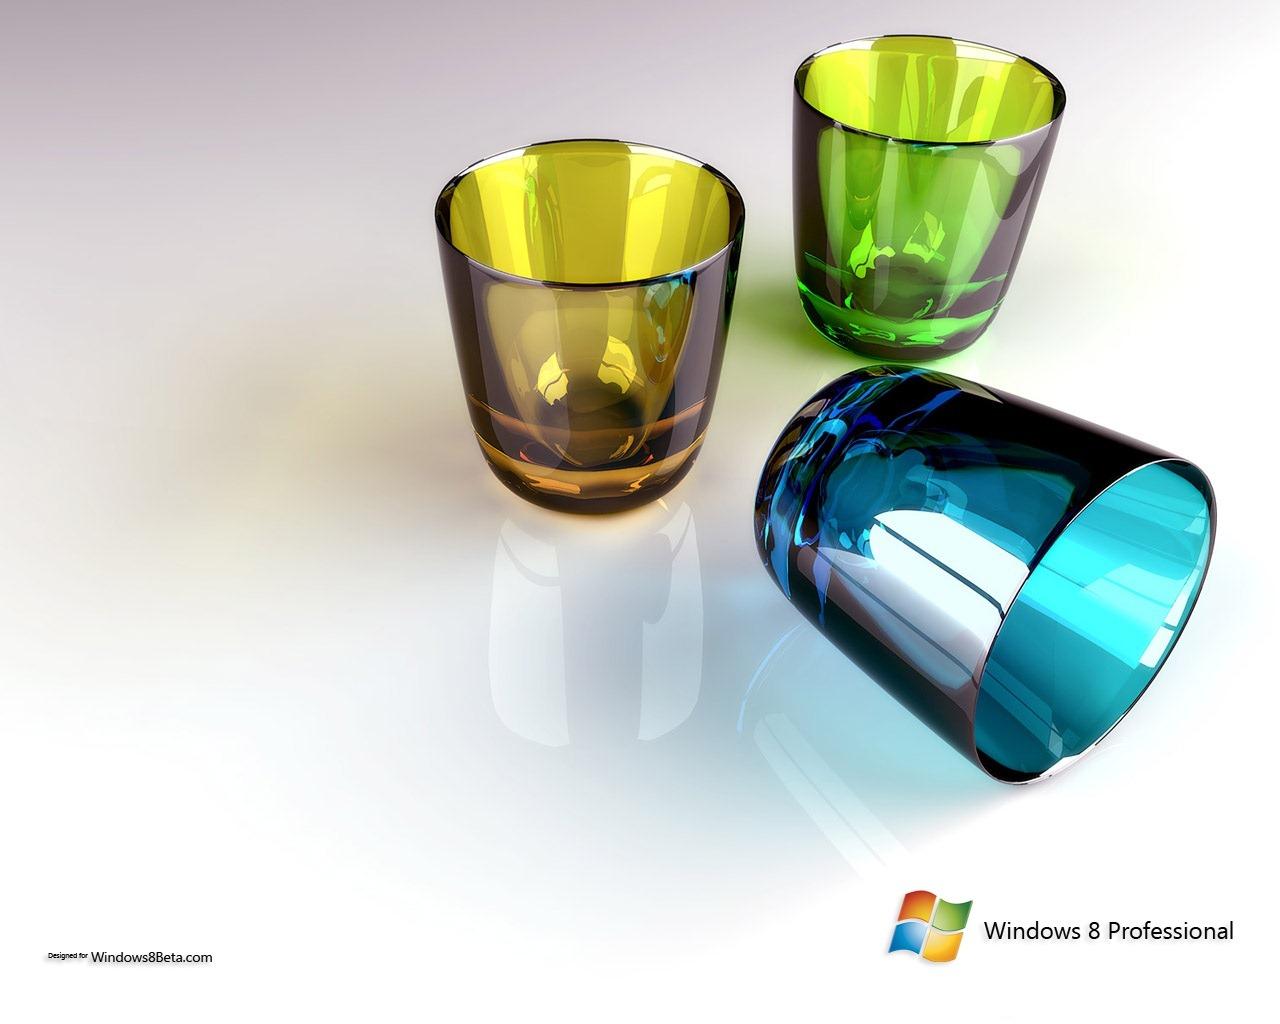 Windows 8 wallpapers 5 Windows 8 hd masaüstü duvar kağıdı resimleri